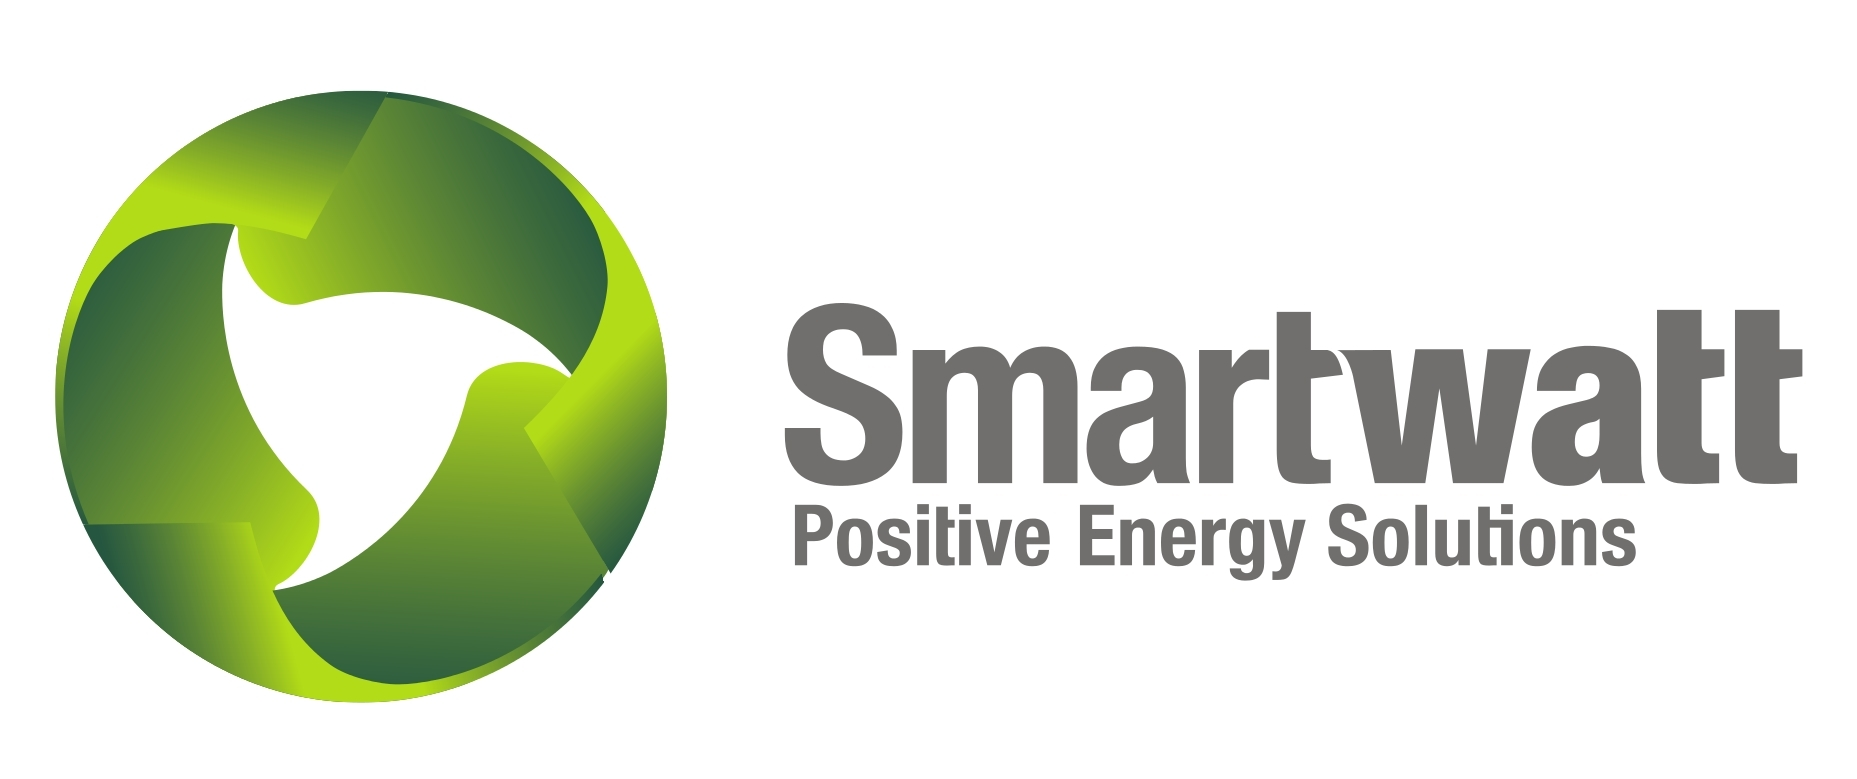 smartwatt-logo